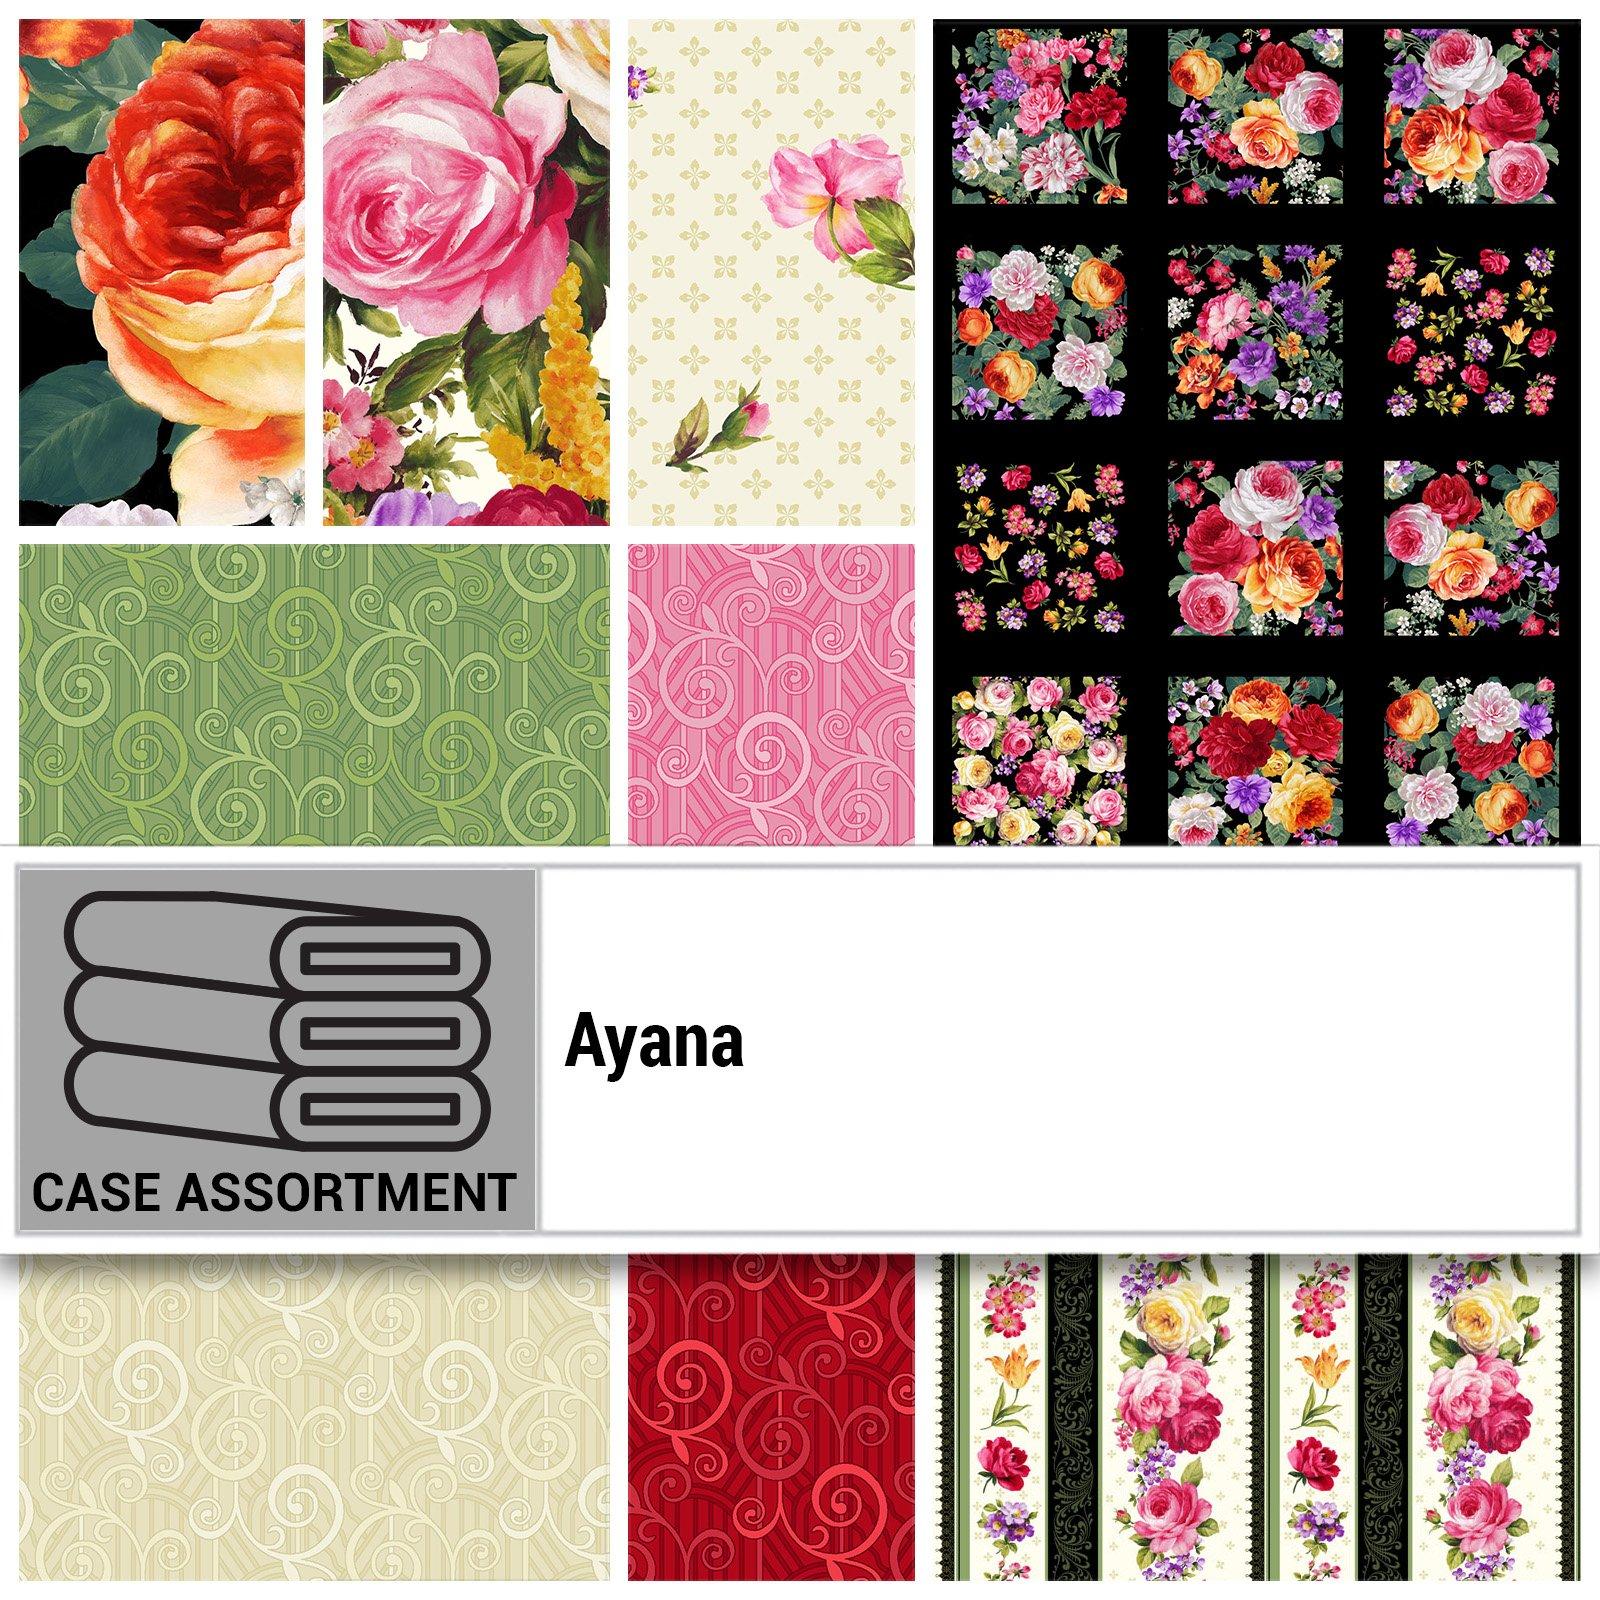 CSMD-CPHB AYAN - AYANA CASE PACK HALF BOLT x 9 PCS.